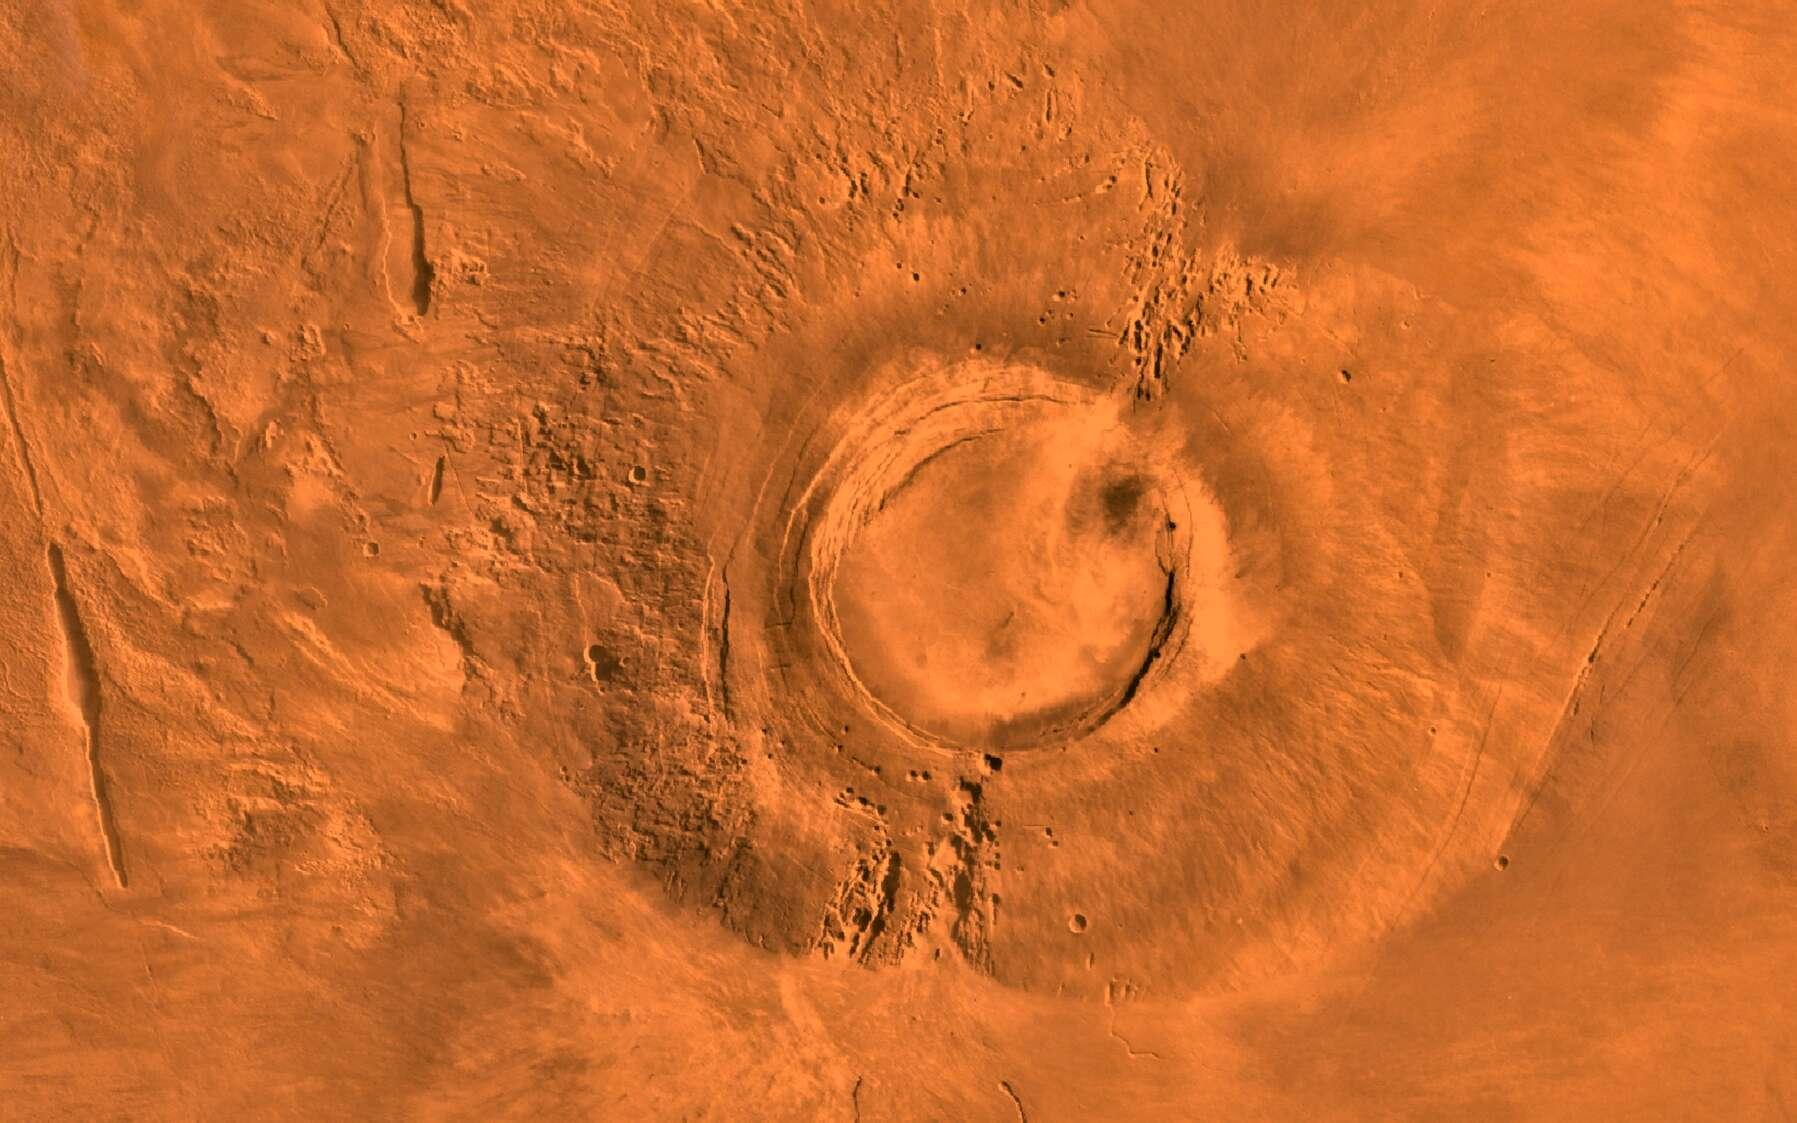 Cette mosaïque d'images numériques du plateau Tharsis de Mars montre le volcan éteint Arsia Mons. Elle a été assemblée à partir d'images que Viking 1 a pris au cours de sa carrière, de 1976 à 1980. Arsia Mons, l'un des trois volcans géants qui surmontent le plateau de Tharsis. Il culmine à 17 km et sa caldeira est bien plus importante que celle d'Olympus Mons puisqu'elle mesure 120 km de diamètre. © Nasa, JPL, USGS